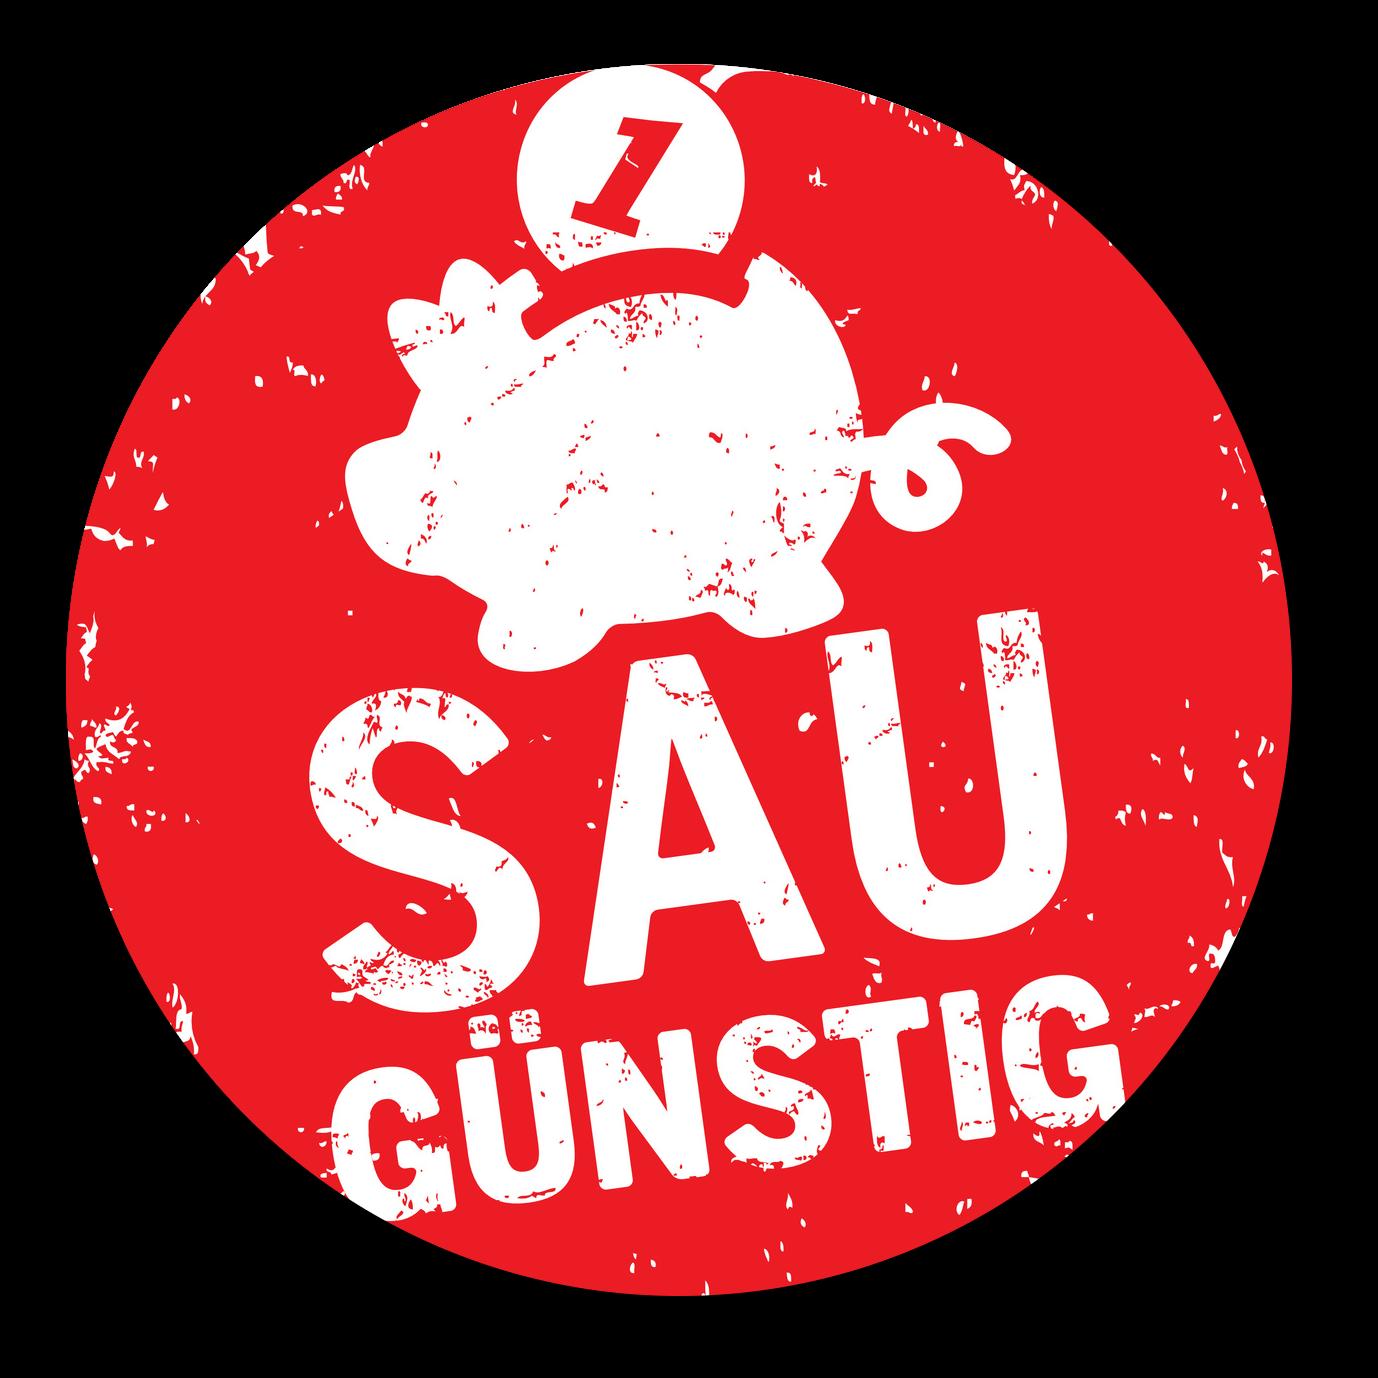 G-nstig-ohne-Hintergrund5954fb8e926a4